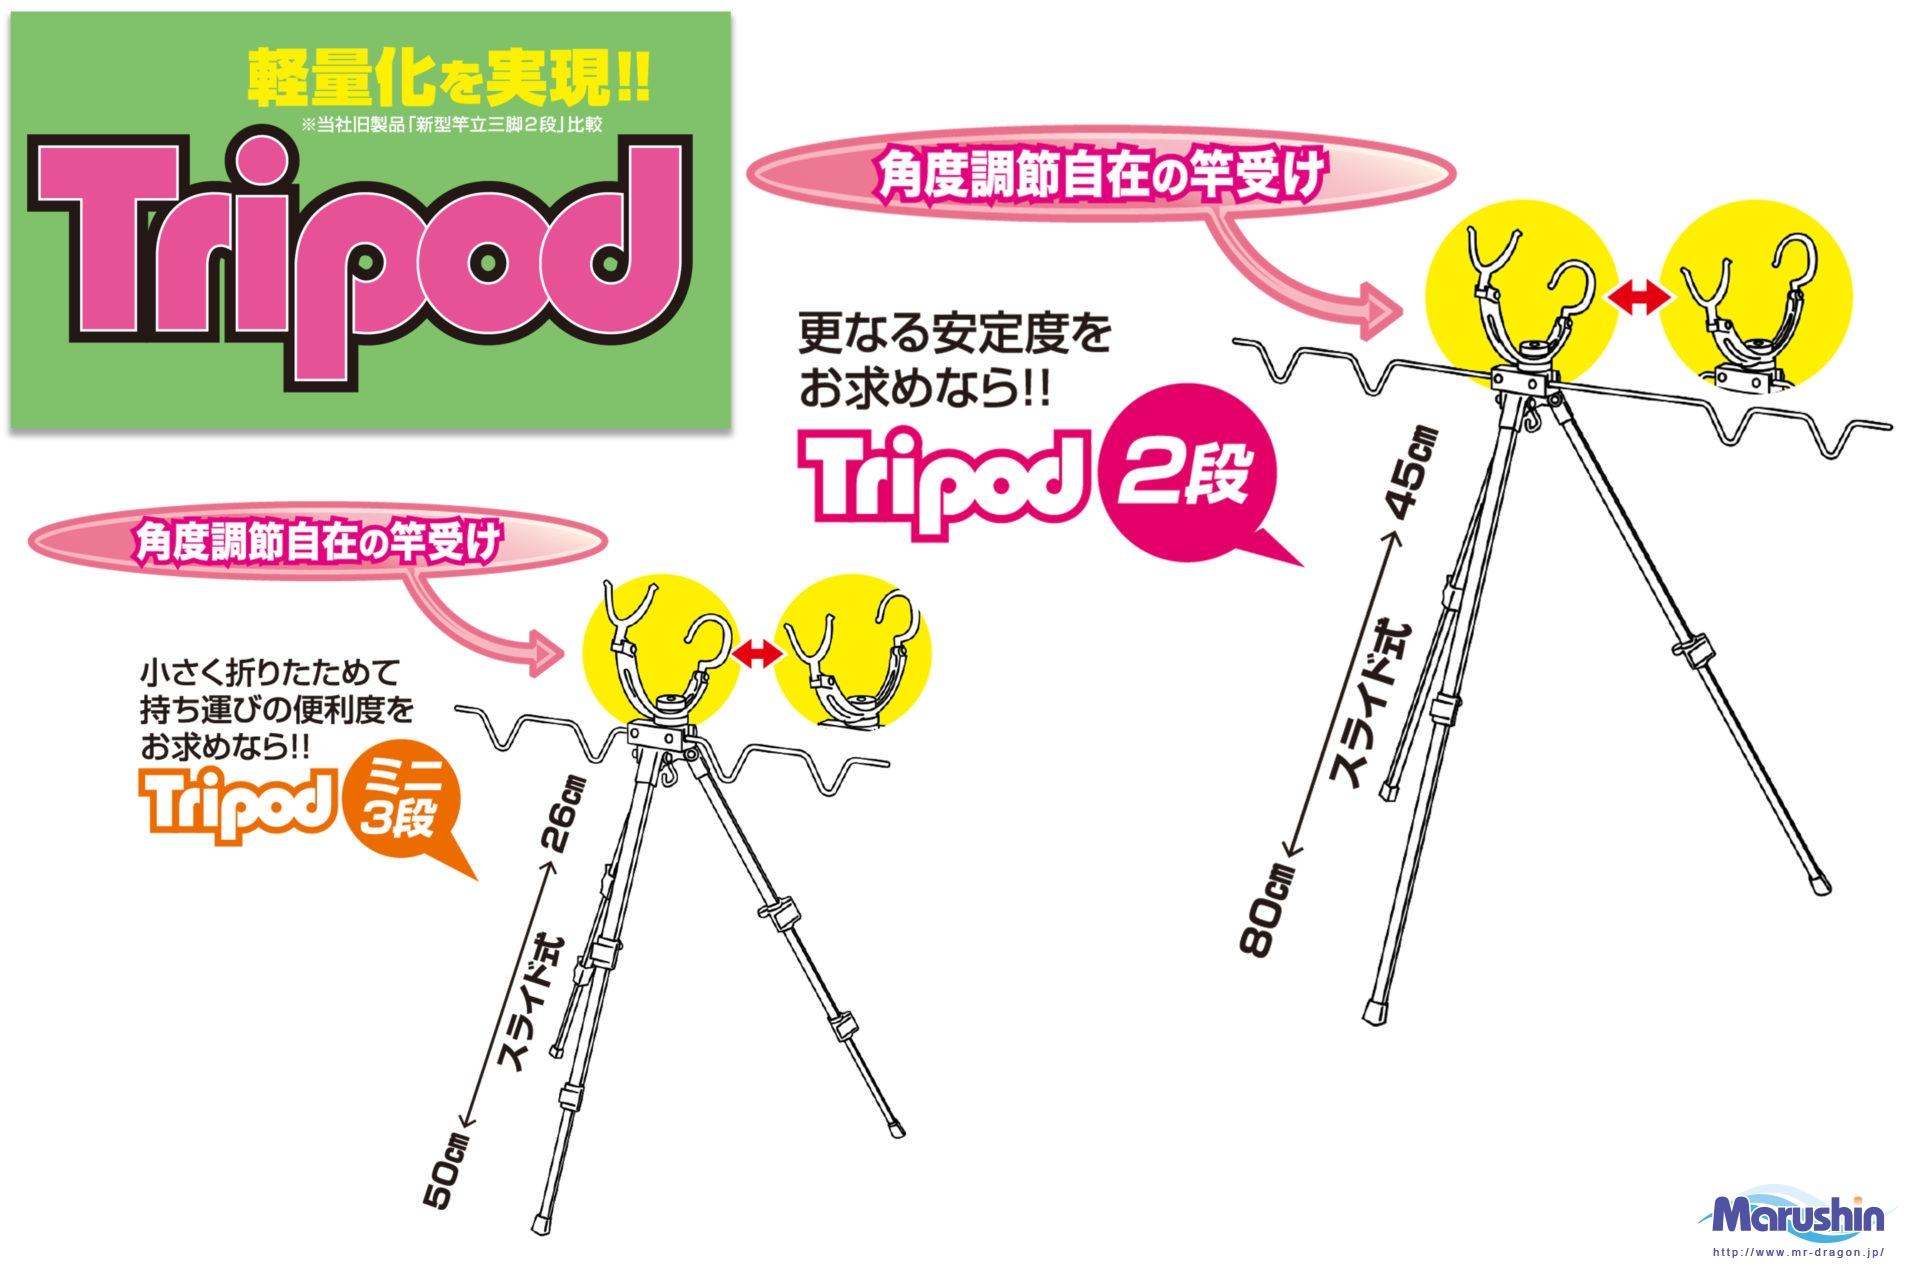 トライポッド 2段 ミニ3段 (竿受け付きのアルミ三脚)イメージ画像